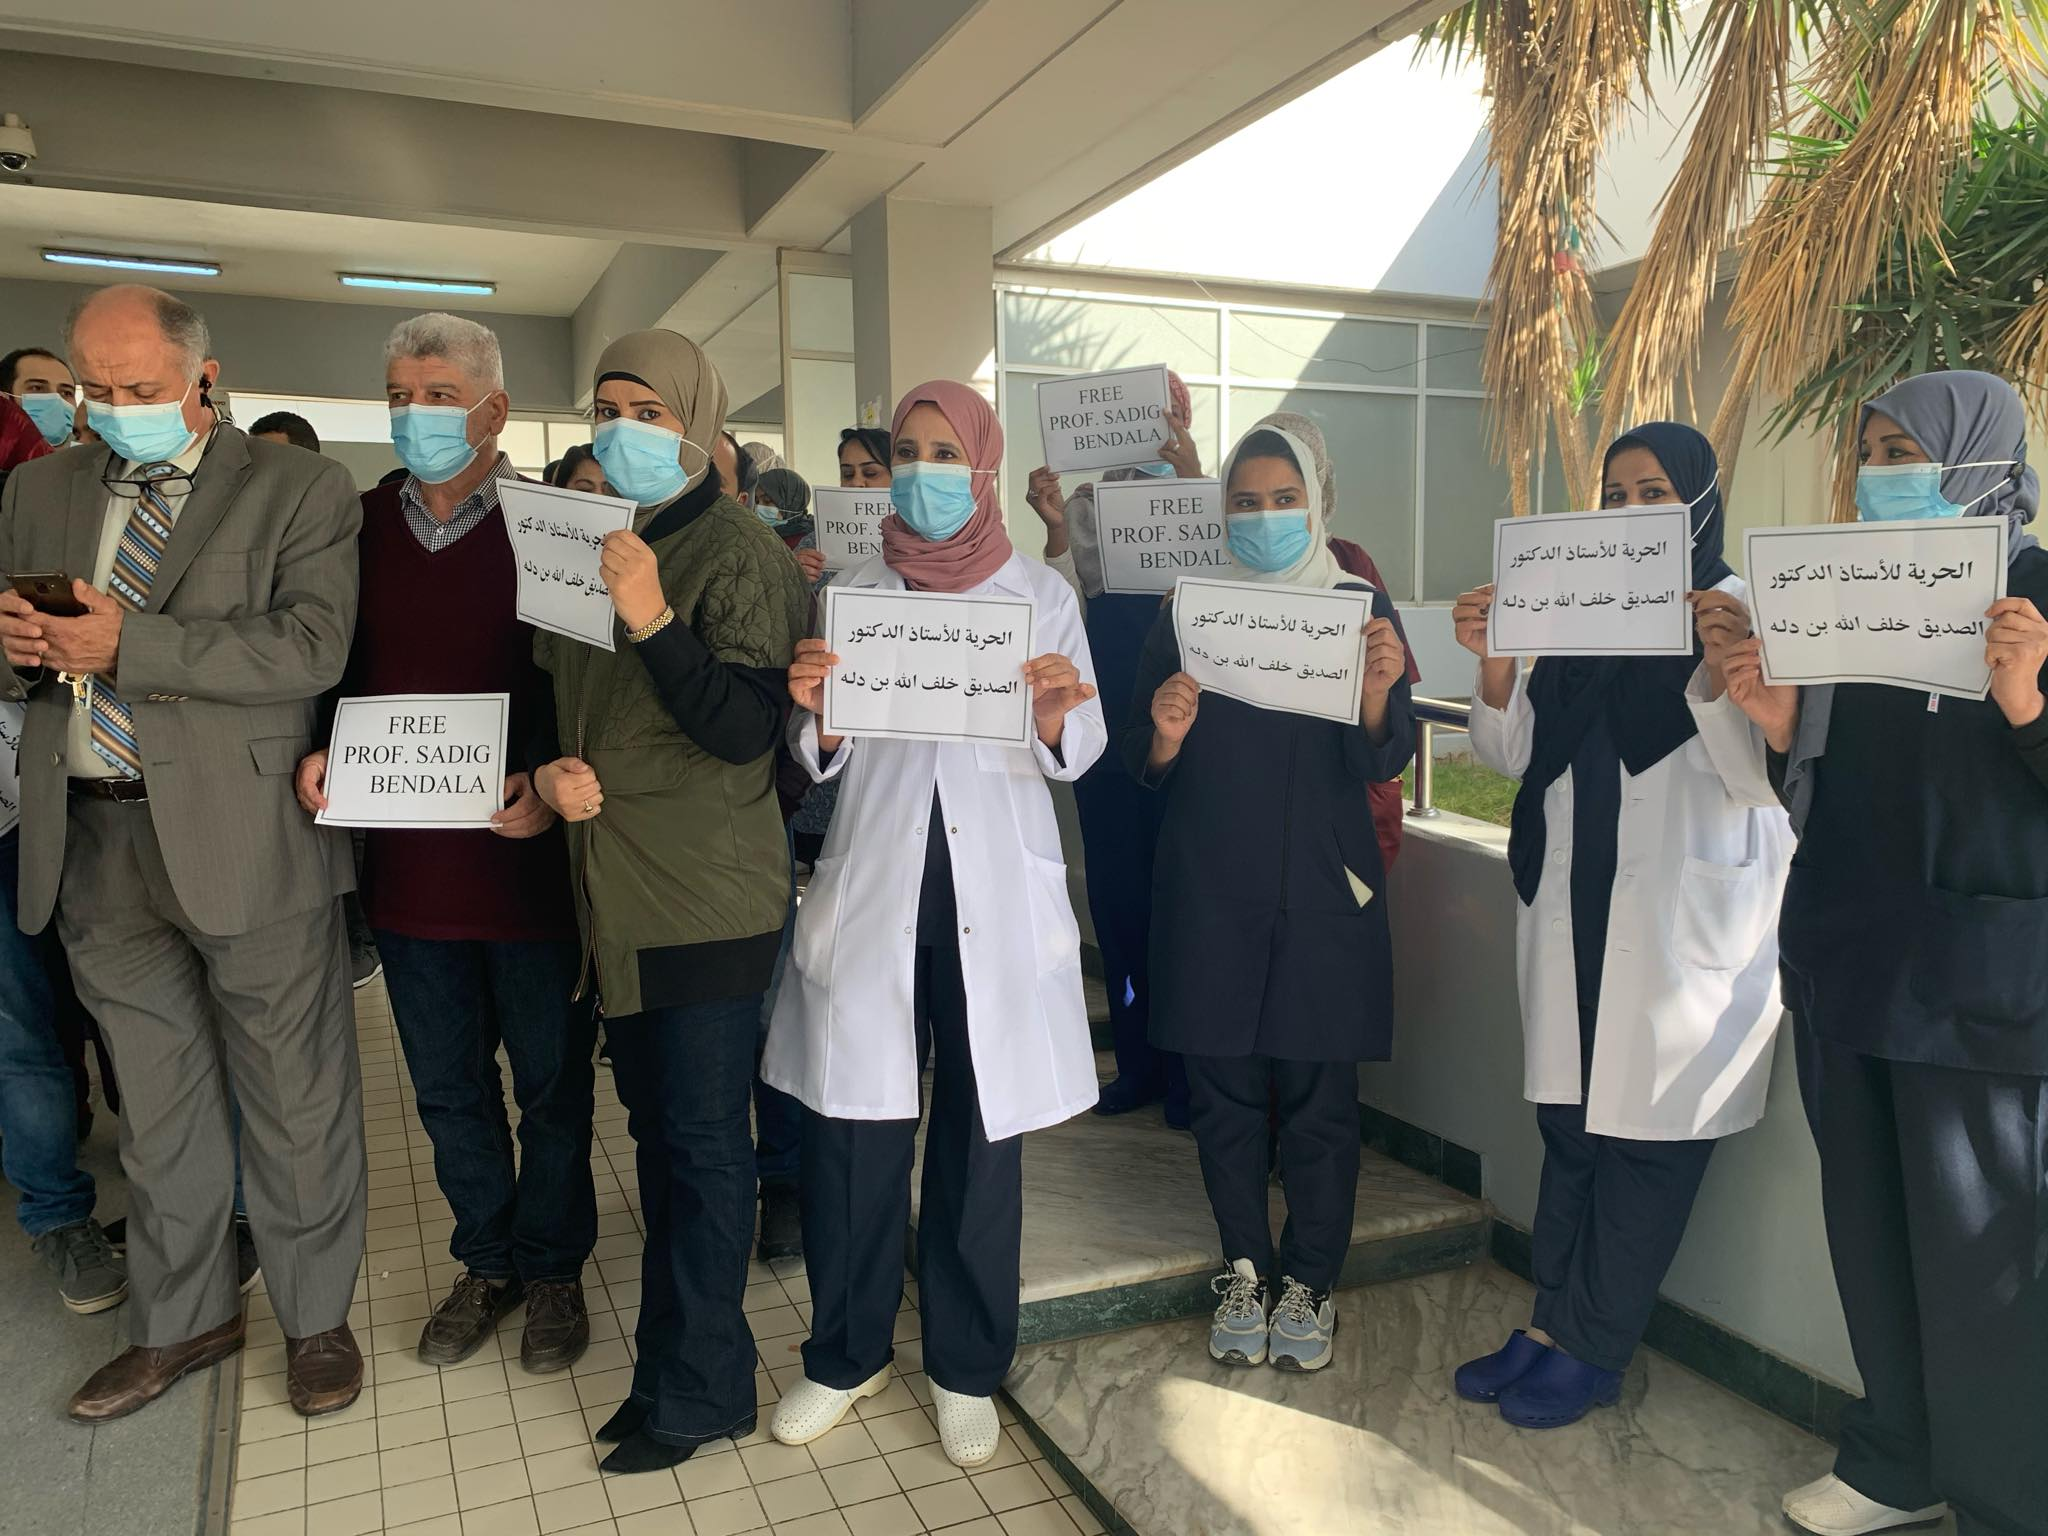 """زملاء الدكتور """"بن دلة"""": نطالب ضمان سلامته وعودته سالمًا"""